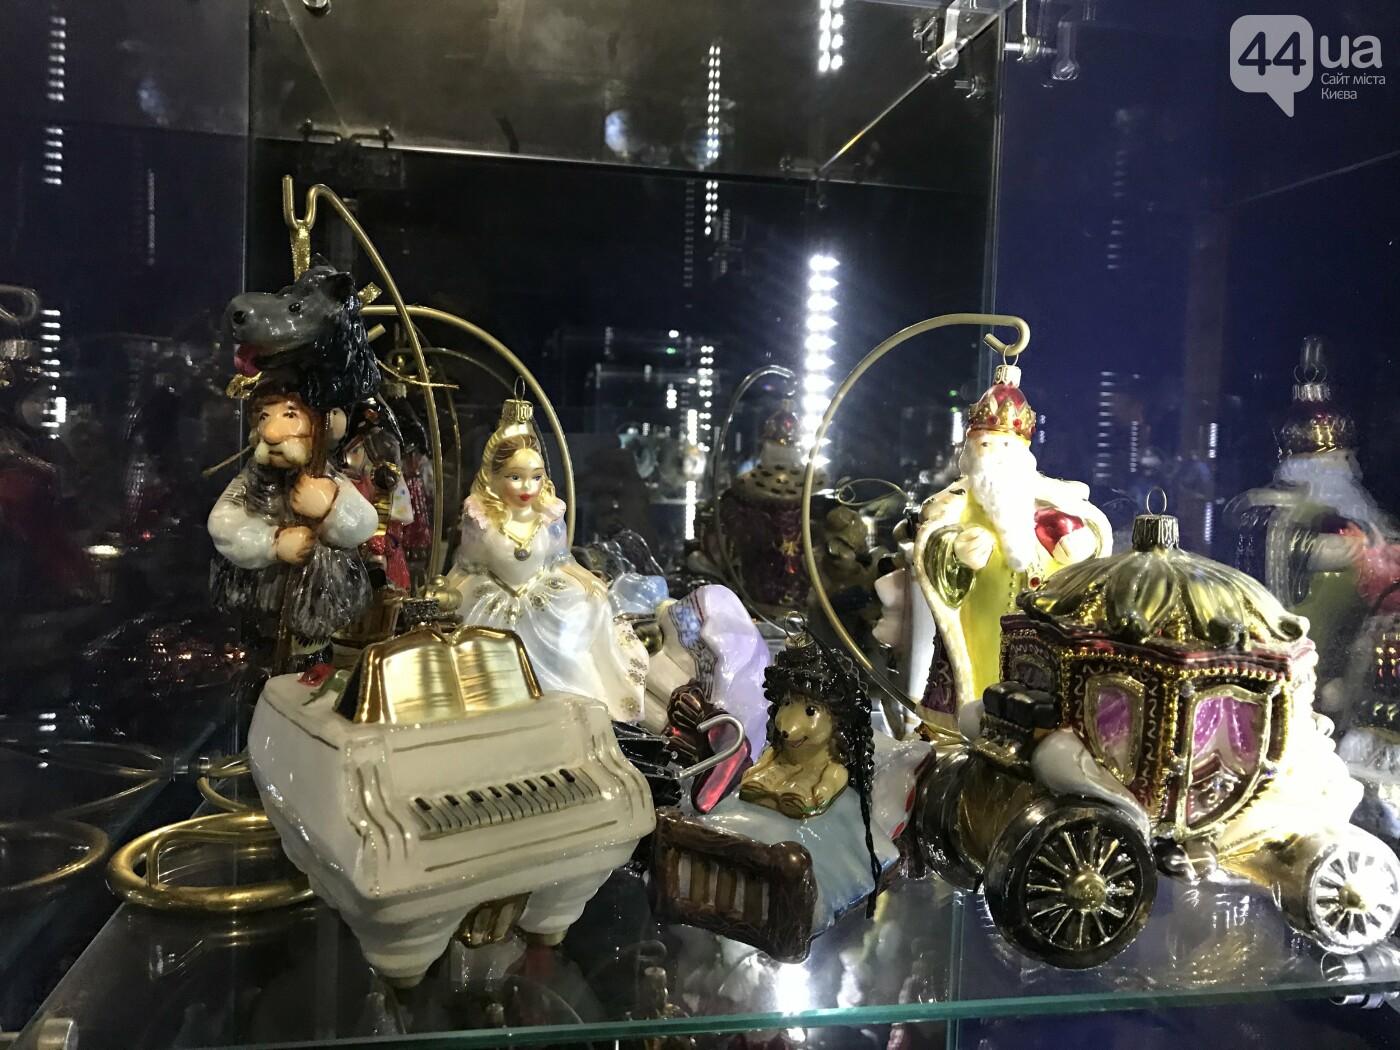 Где начинается Новый год: экскурсия на фабрику елочных игрушек под Киевом, - ФОТО, ВИДЕО, фото-8